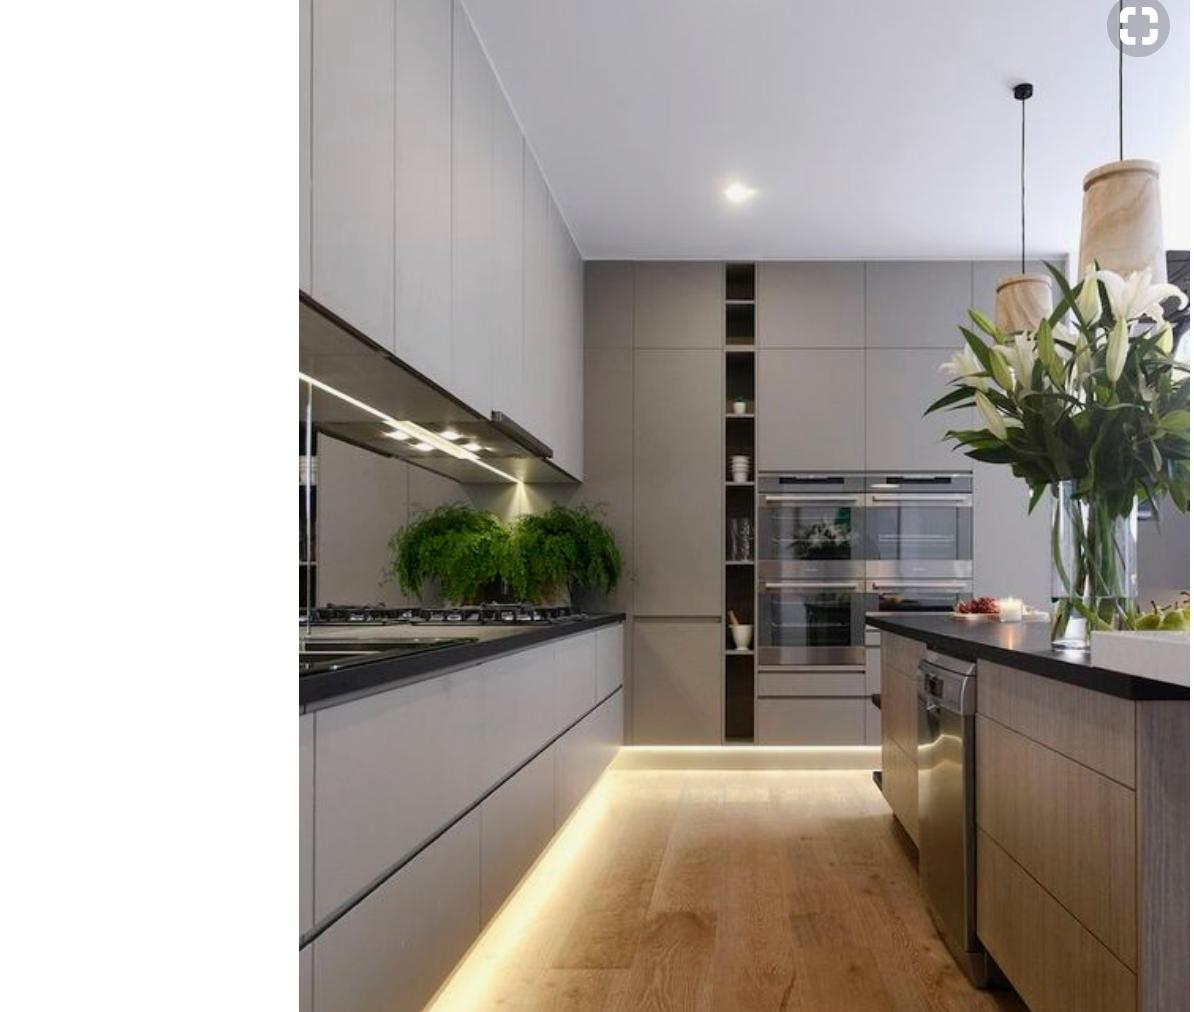 Pin di Ivana Asic su Ideas for the house | Cucine, Cucine moderne e ...